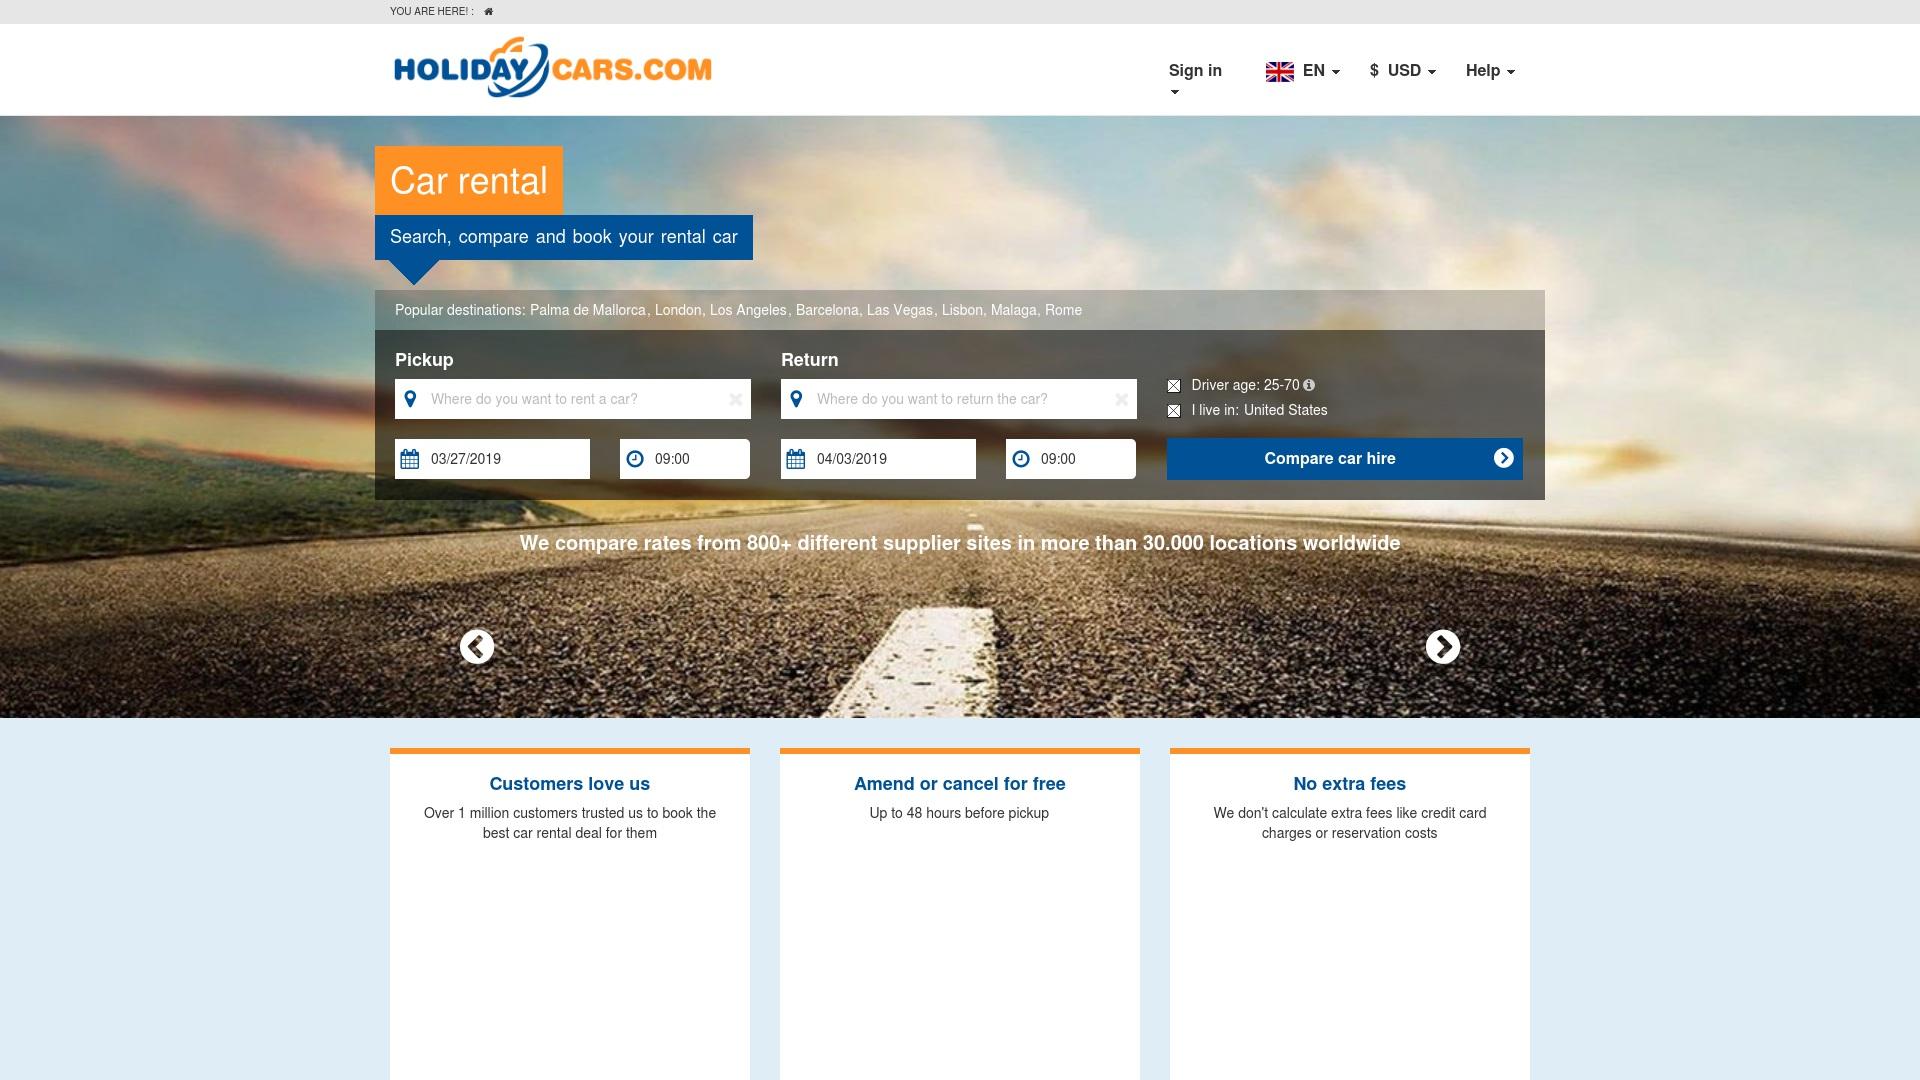 Gutschein für Holidaycars: Rabatte für  Holidaycars sichern